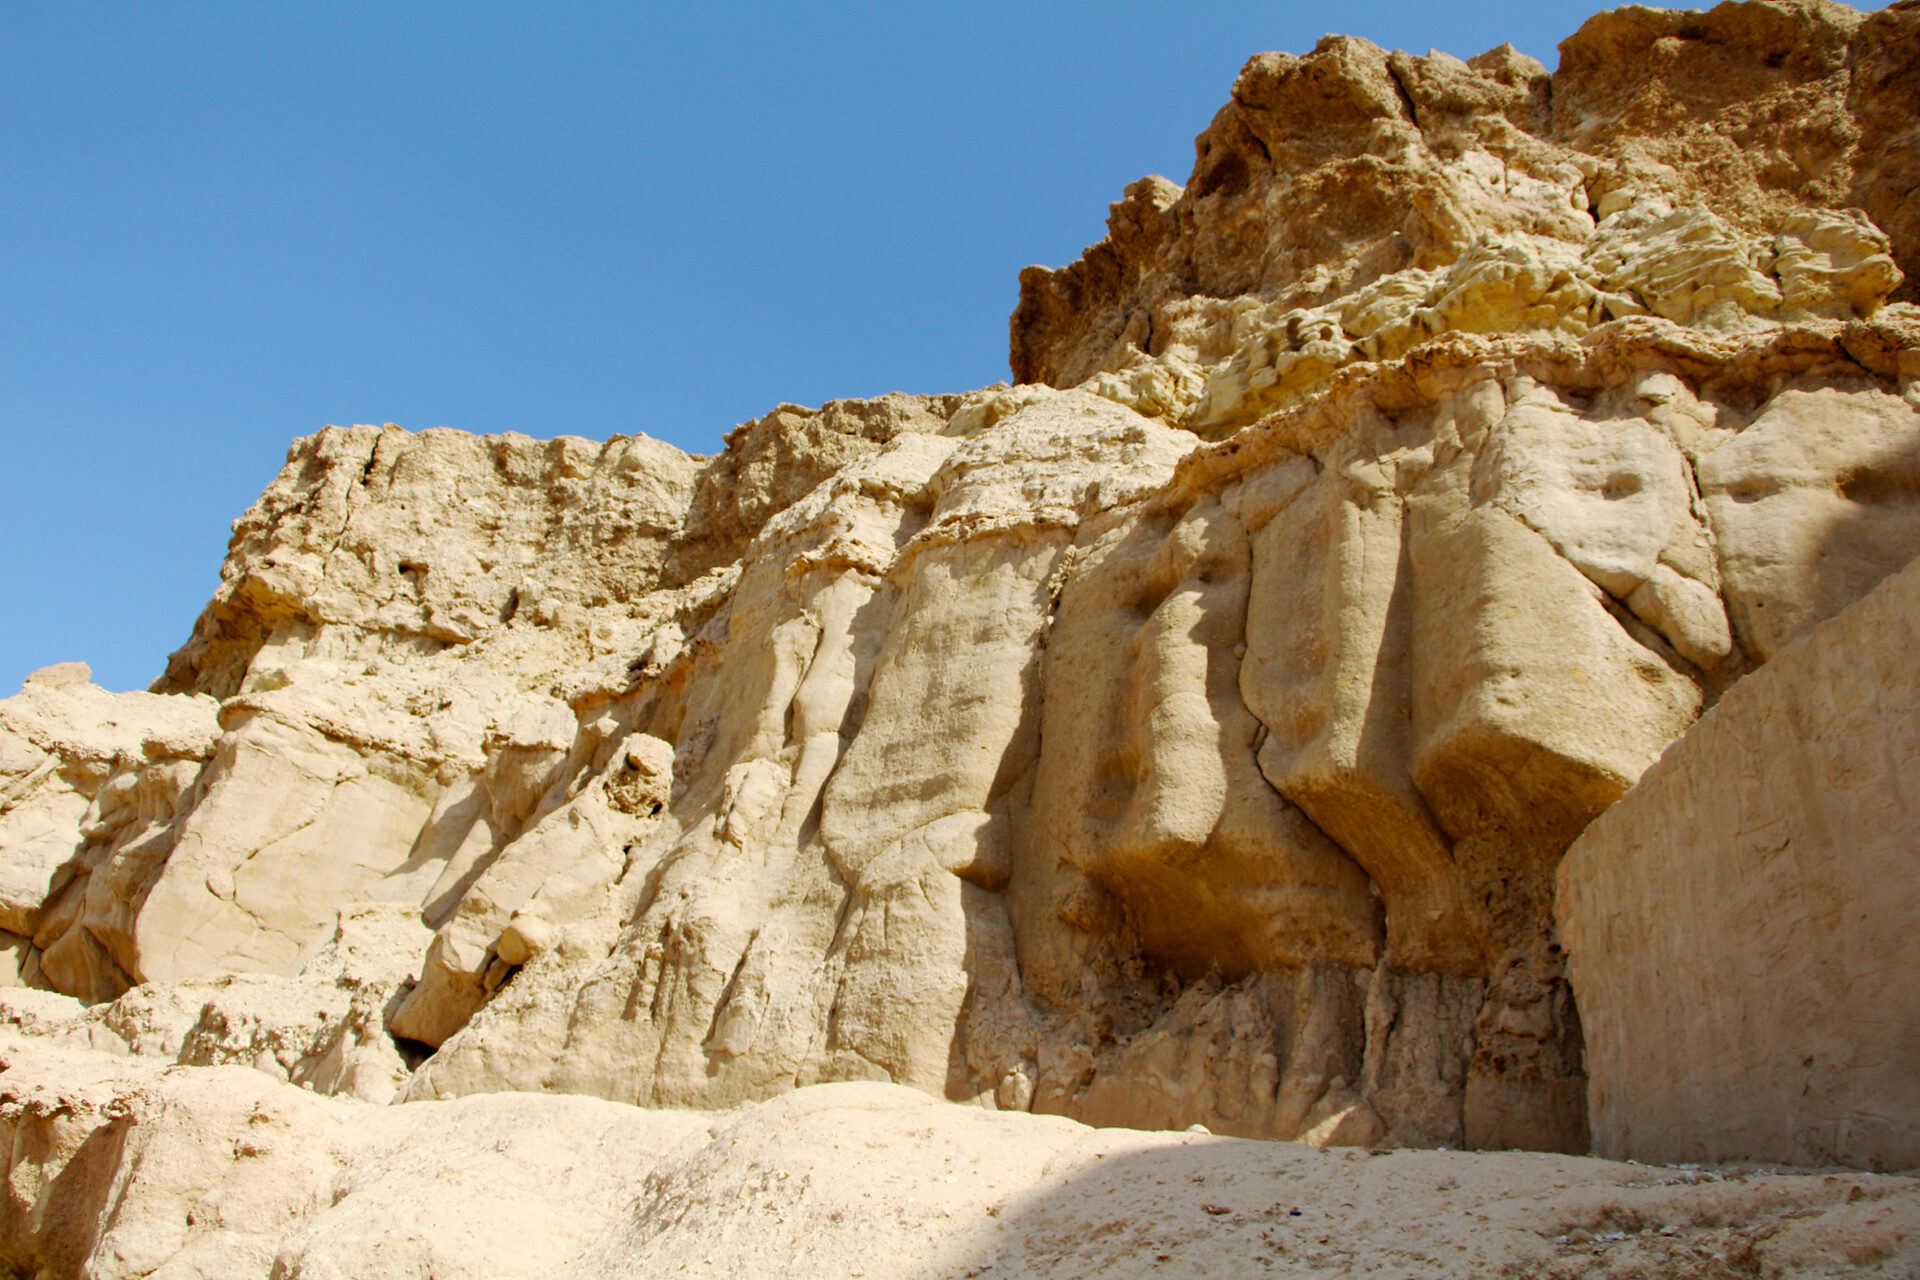 Kharbas Caves, Qeshm Island